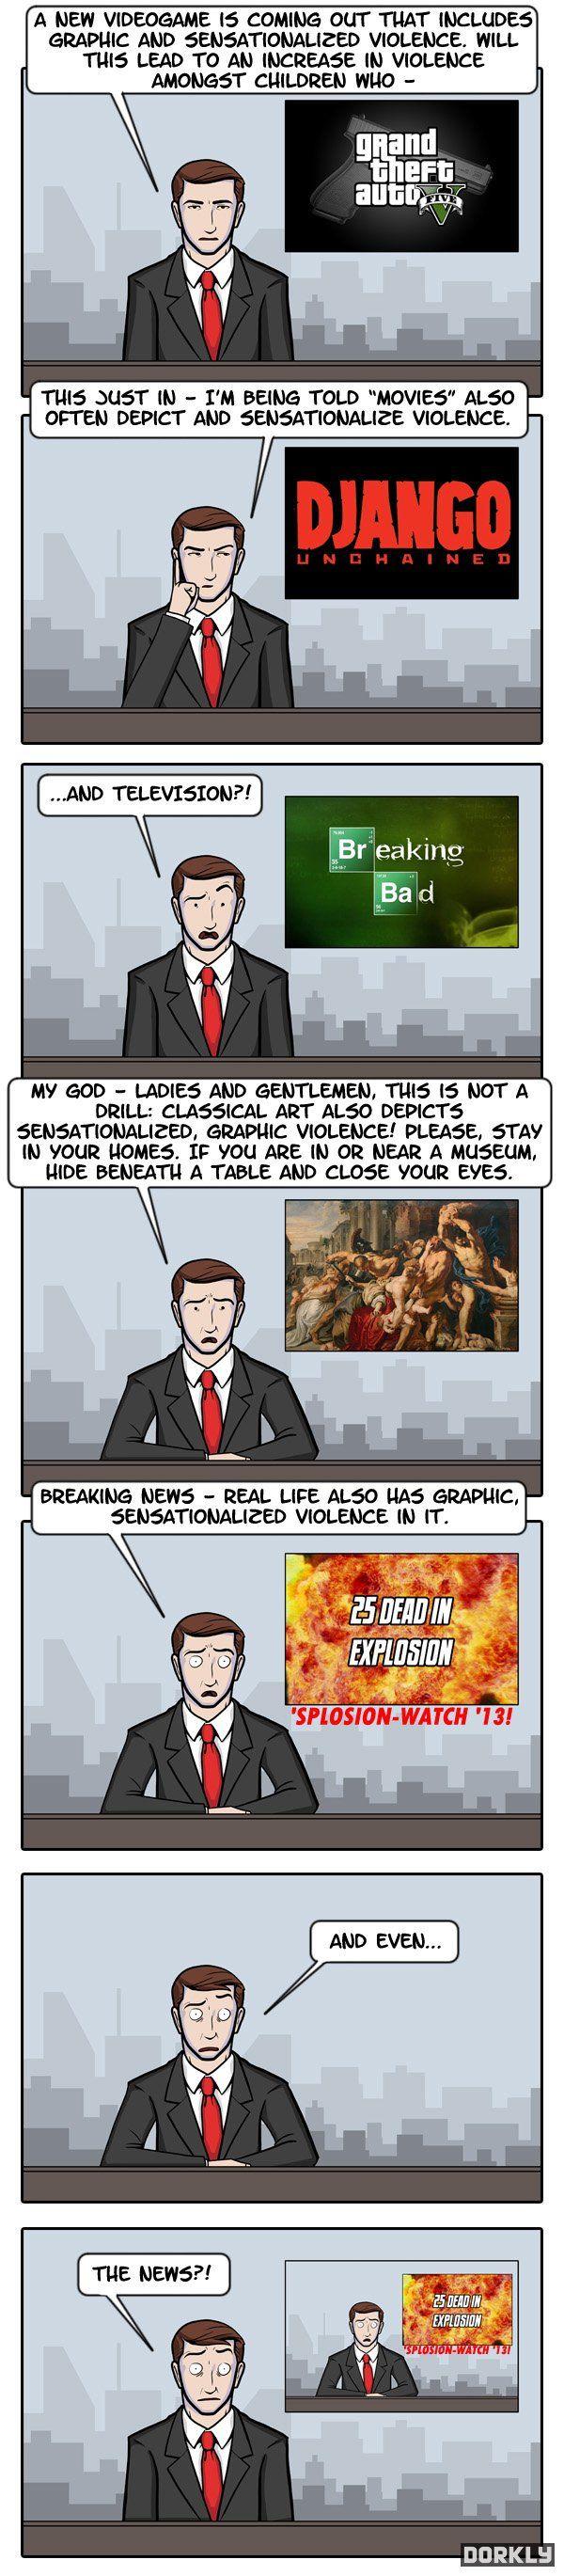 Os games e a cultura de violência – tem certeza que a culpa é dos jogos?